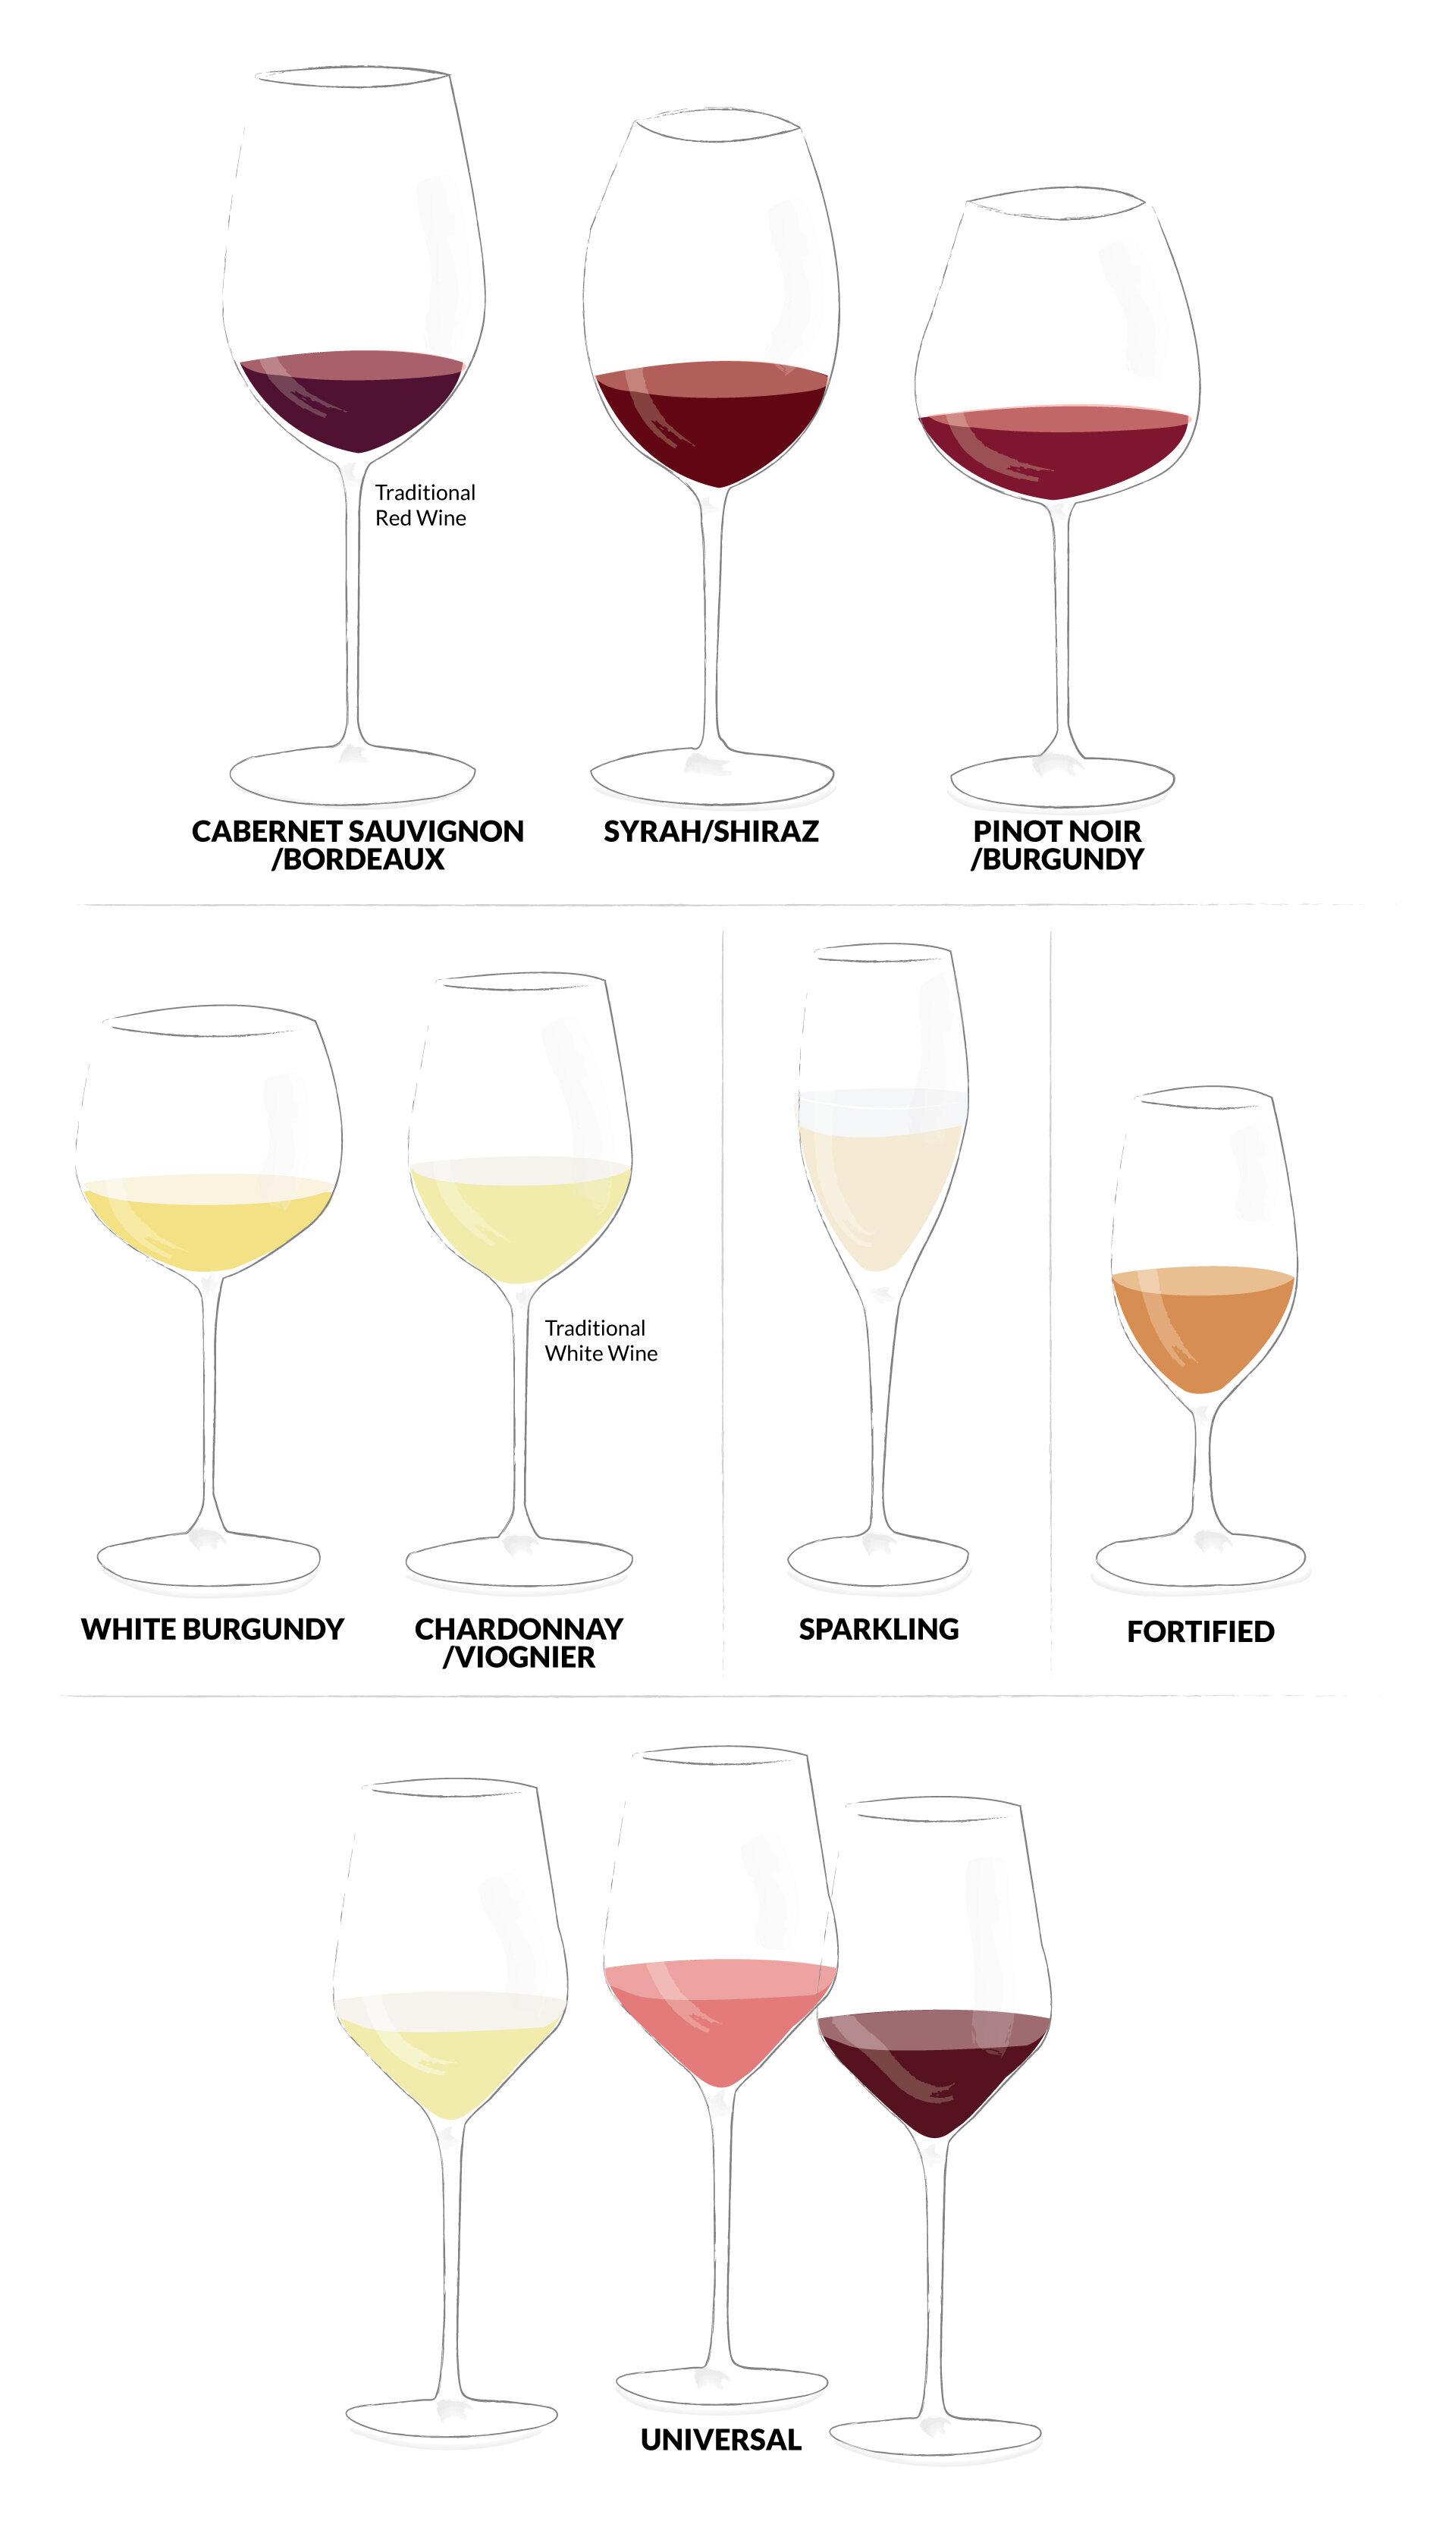 Illustration by Julia Lea / Wine Enthusiast